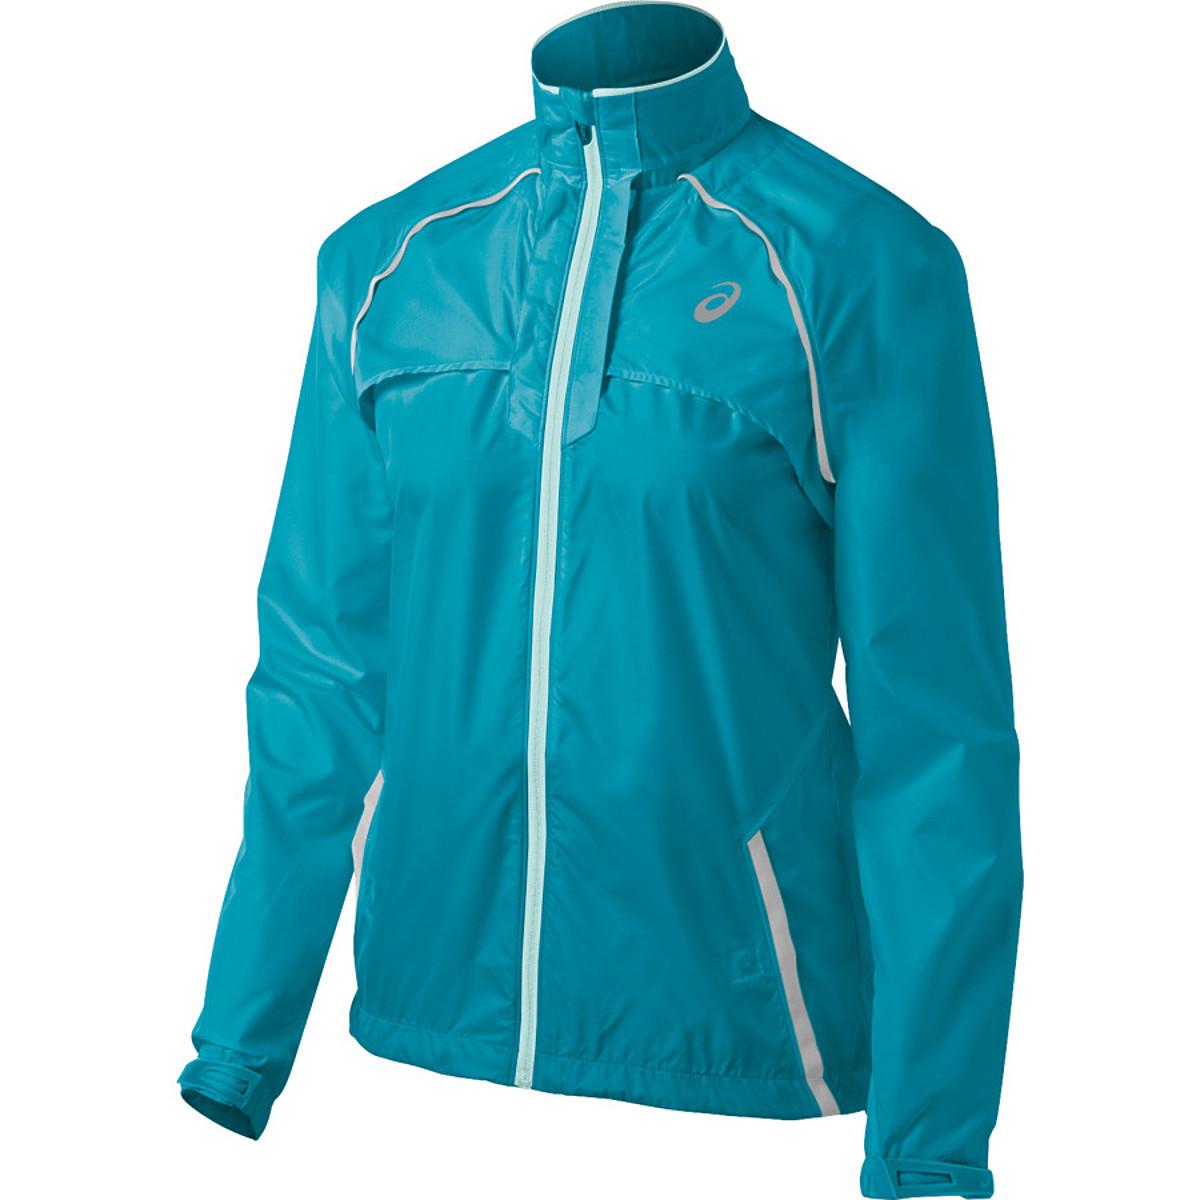 Asics 2-N-1 Jacket